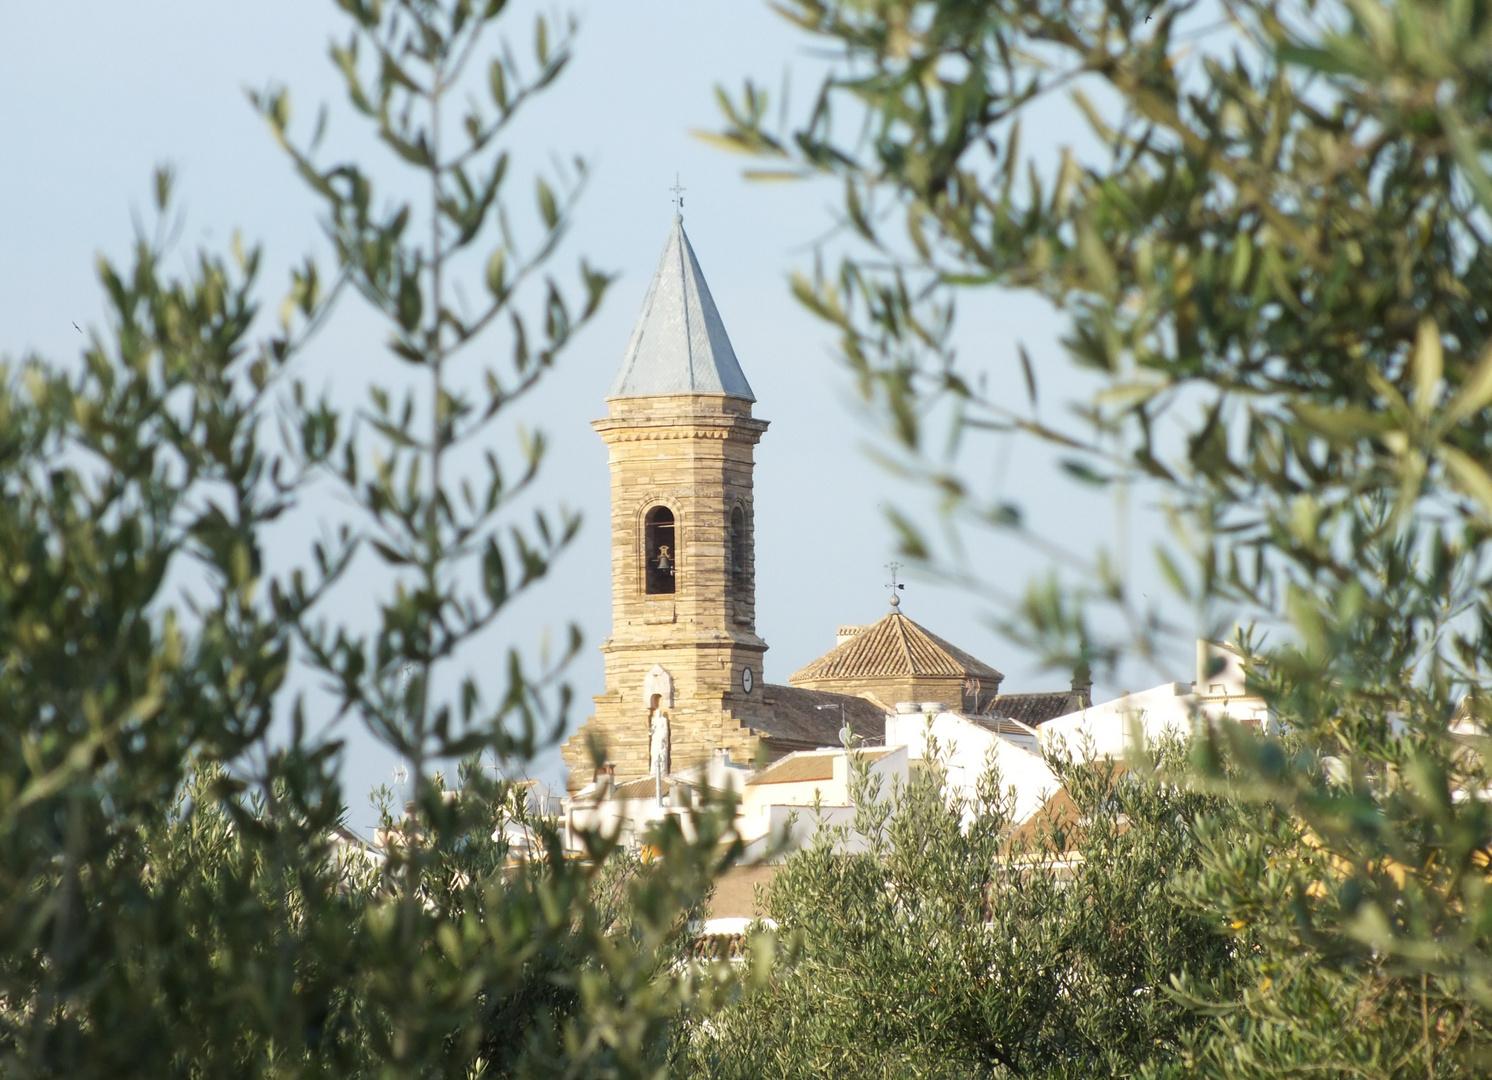 Torre de la Iglesia de Porcuna (Jaen)